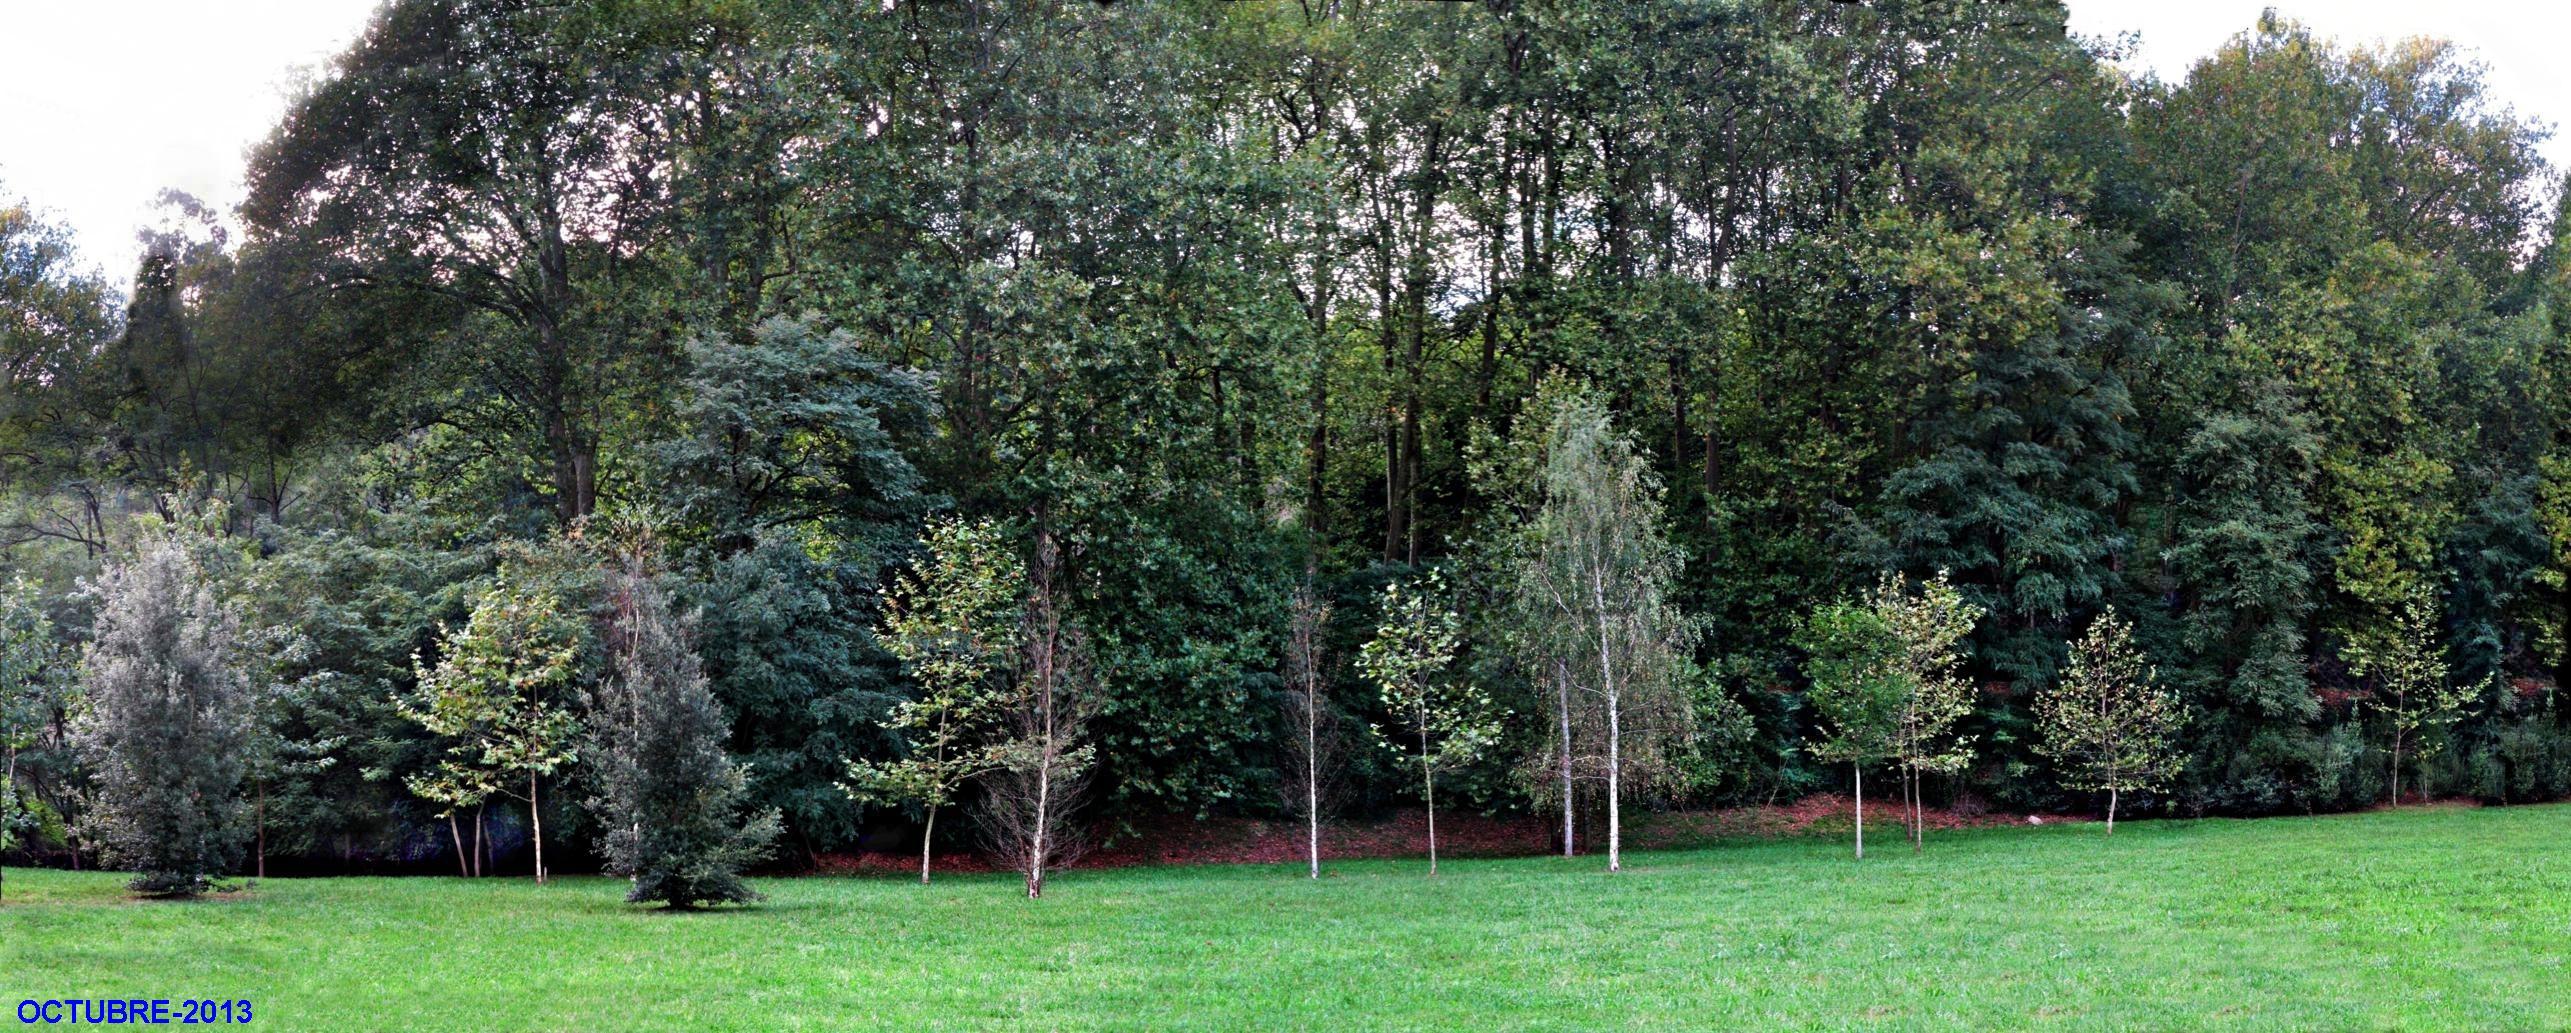 La viesca en oto o fotos de parques y jardines for Parques y jardines fotos